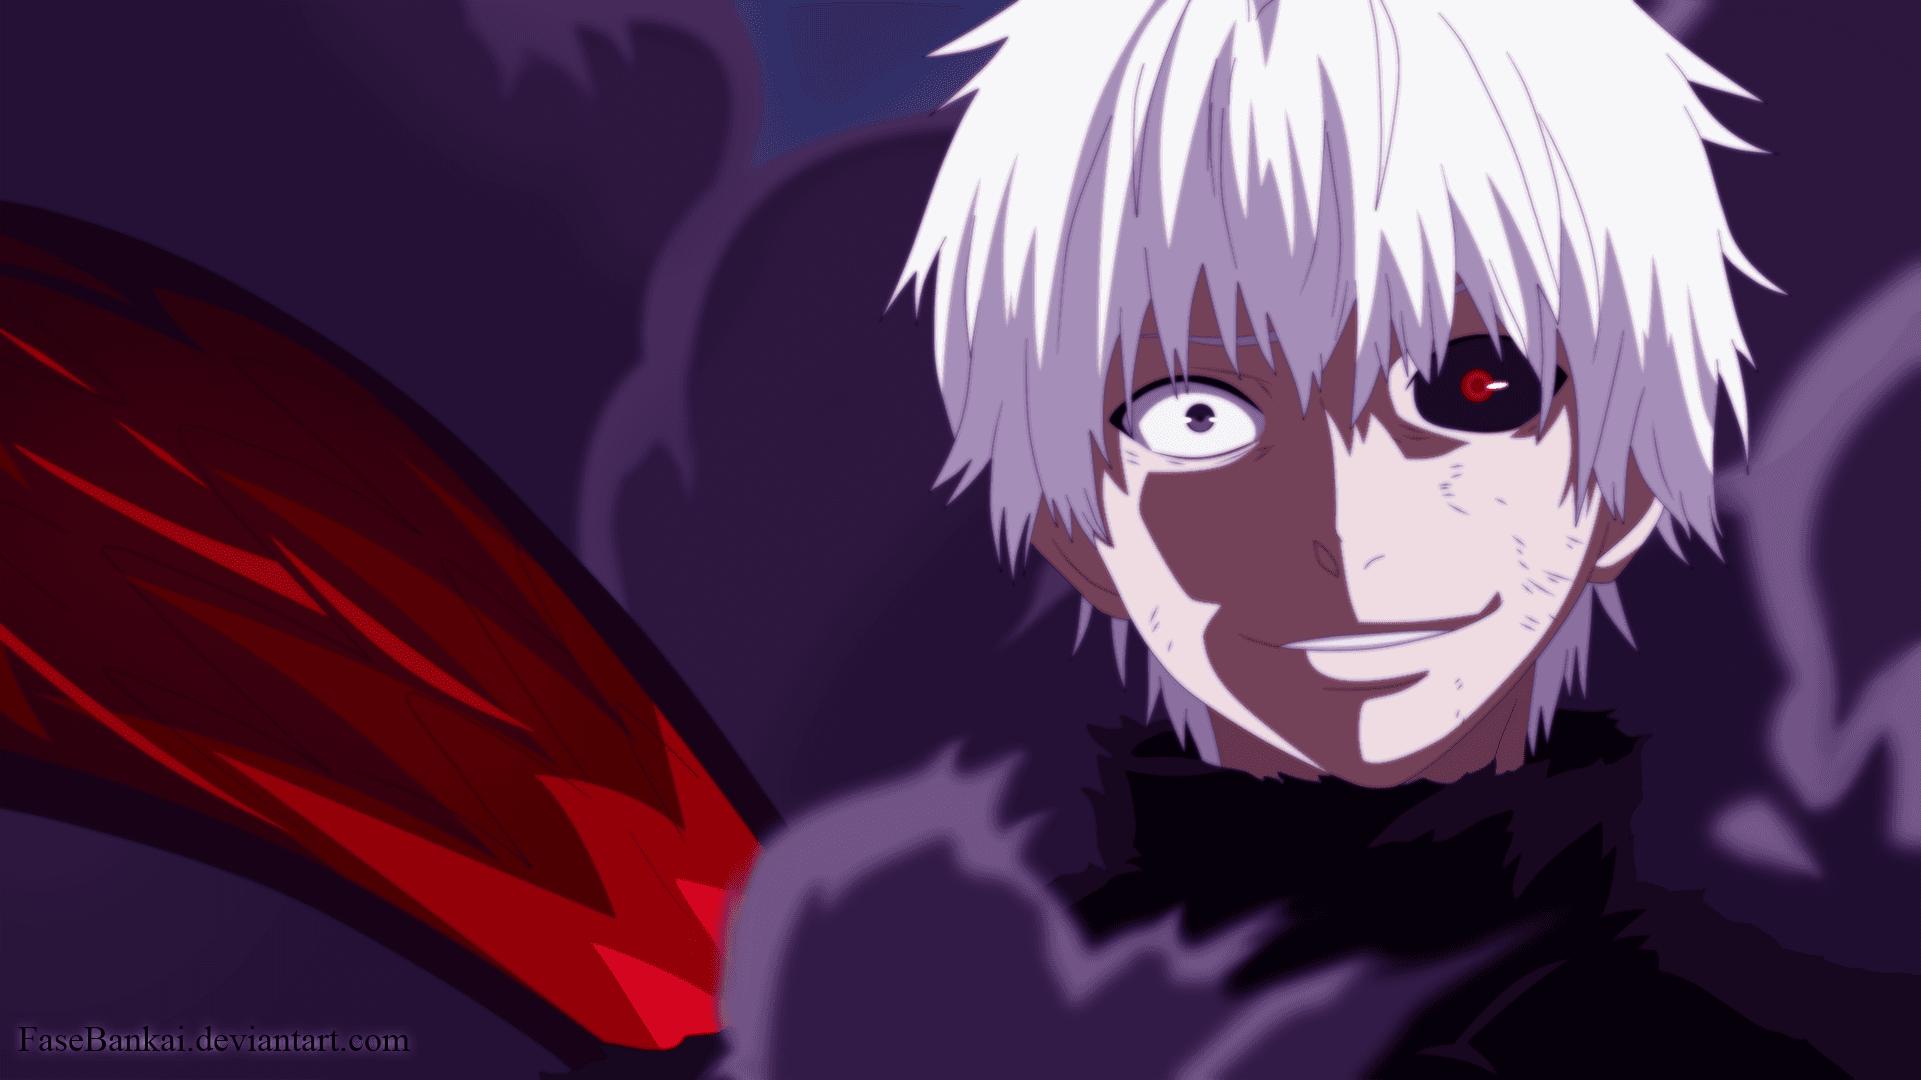 No 6 Anime Characters : No draggle s anime